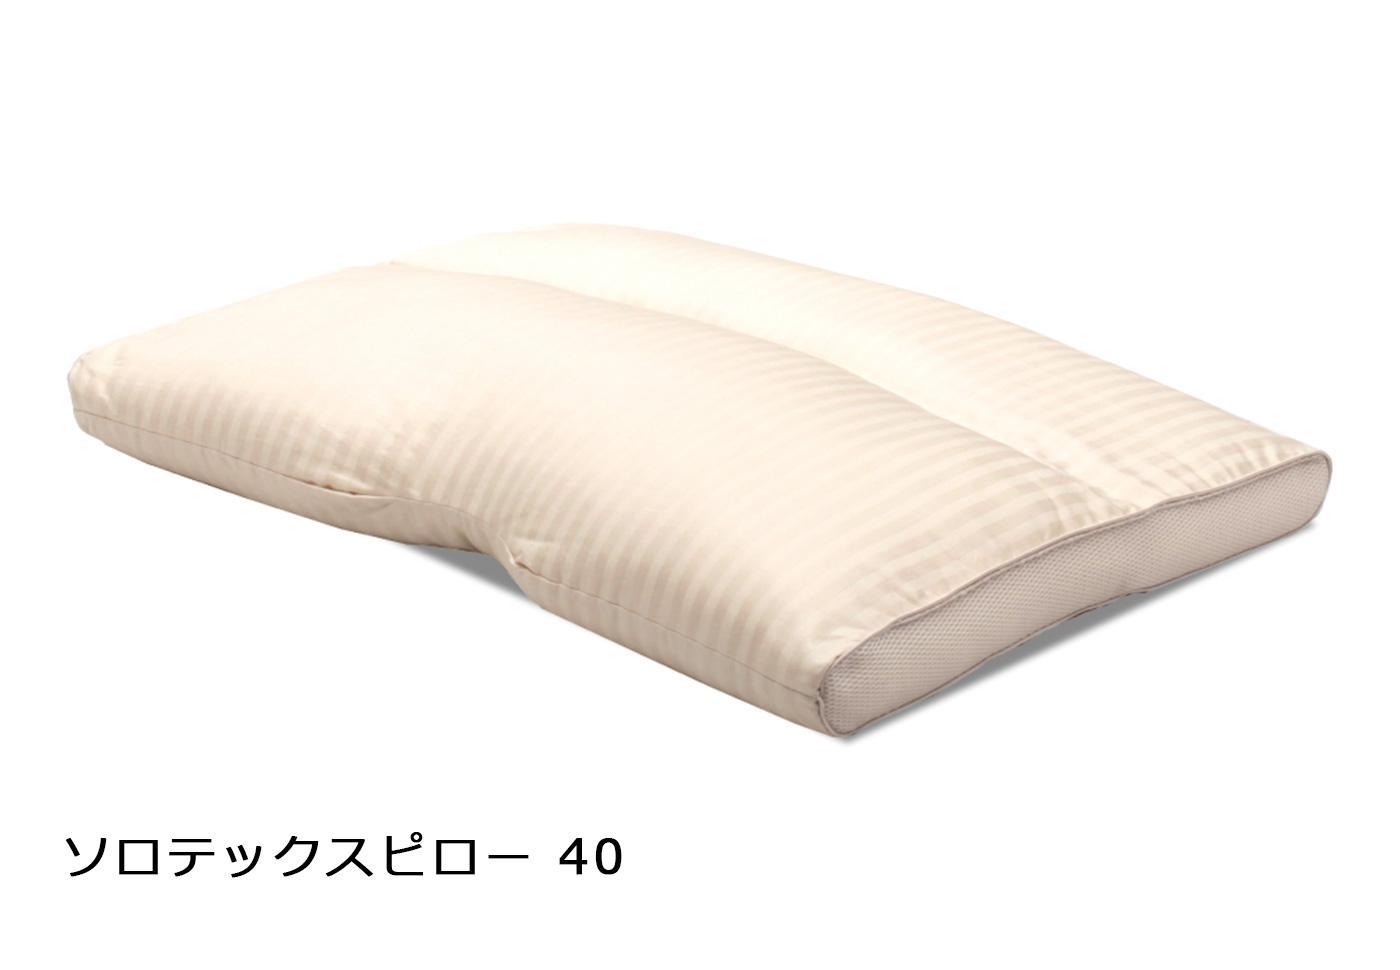 【送料無料】 シーリー 枕 ピロー ソロテックスピロー40 シーリーラテックスピロー シーリージャパン 寝具